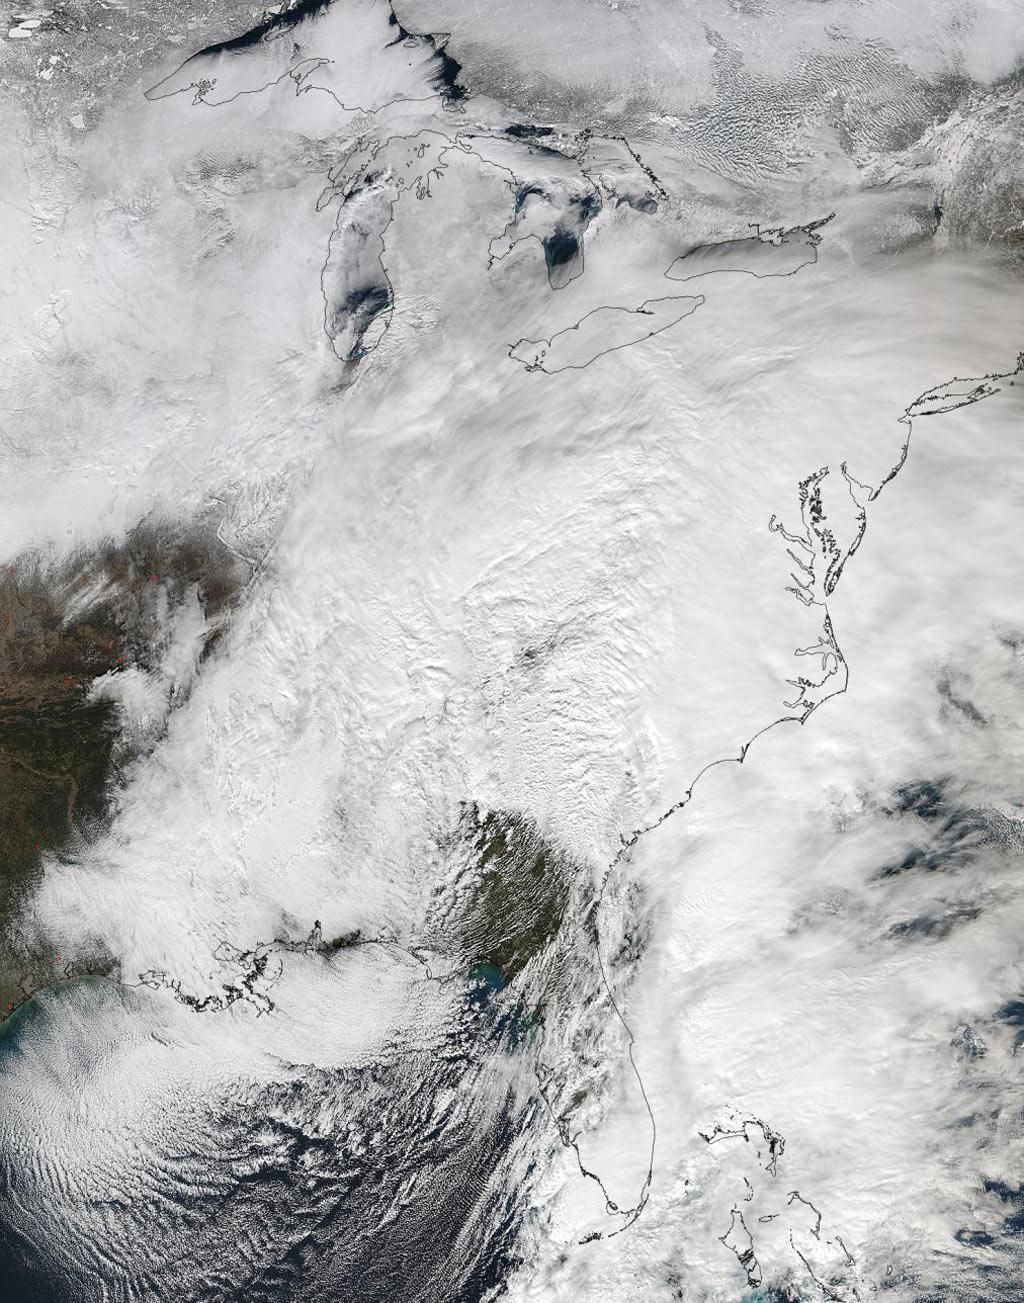 Bão tuyết phủ trắng xóa bờ Đông trong ảnh vệ tinh của NASA. Cơn bão đi theo lộ trình từ các bang Nam Đại Tây Dương, tràn vào bờ Đông, sau đó đi lên phía bắc.